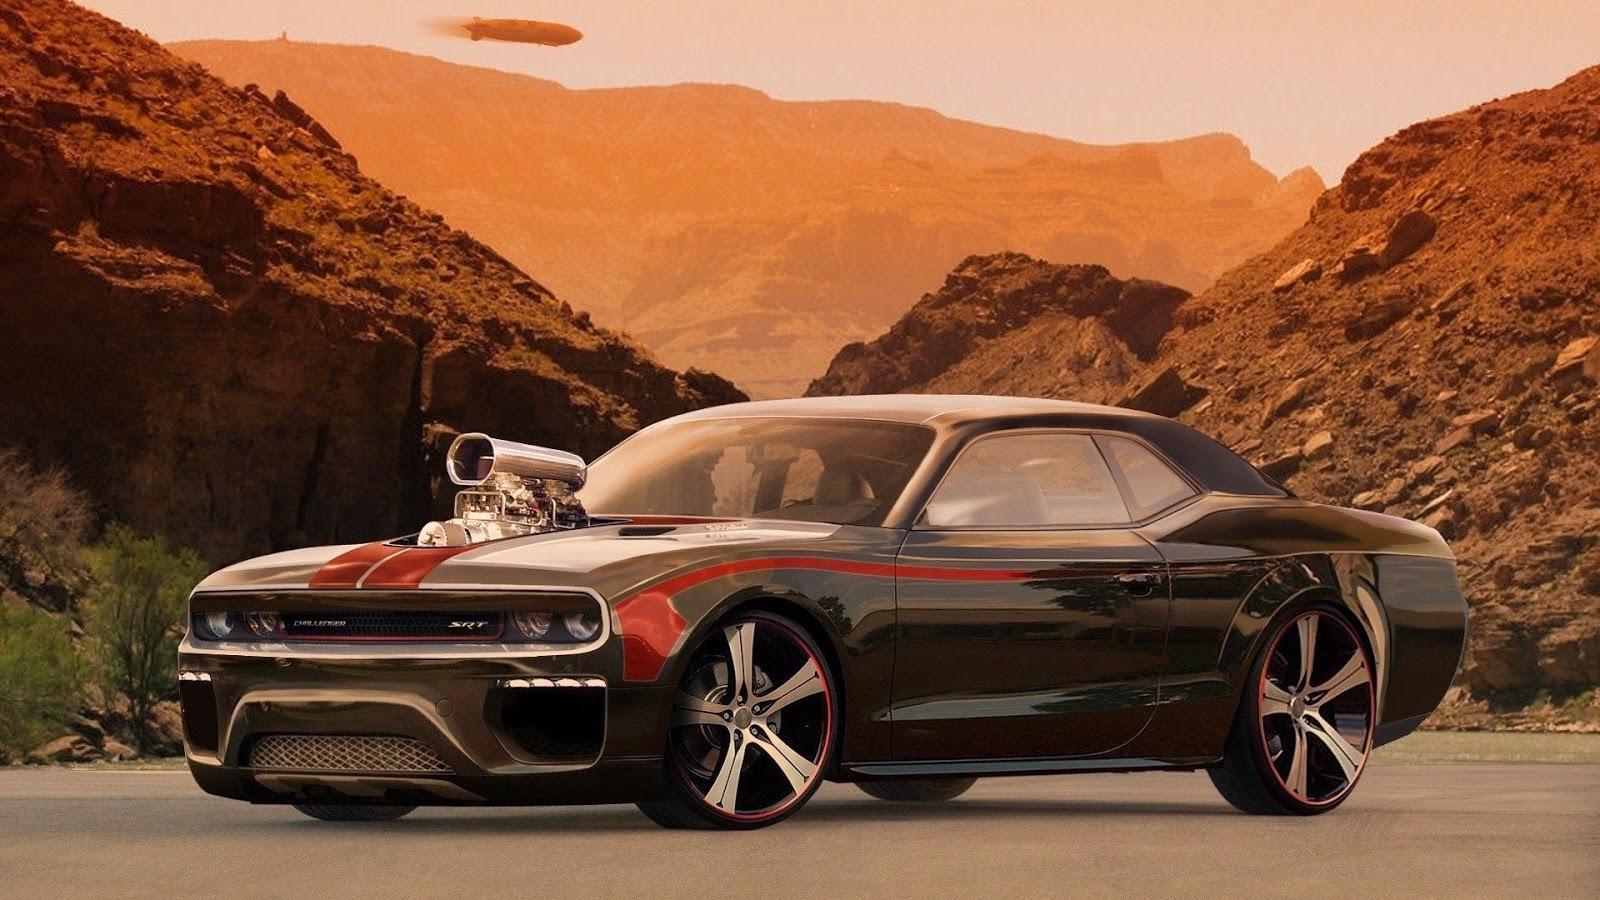 10 Best Muscle Car Wallpaper Free Usa Wallpaper